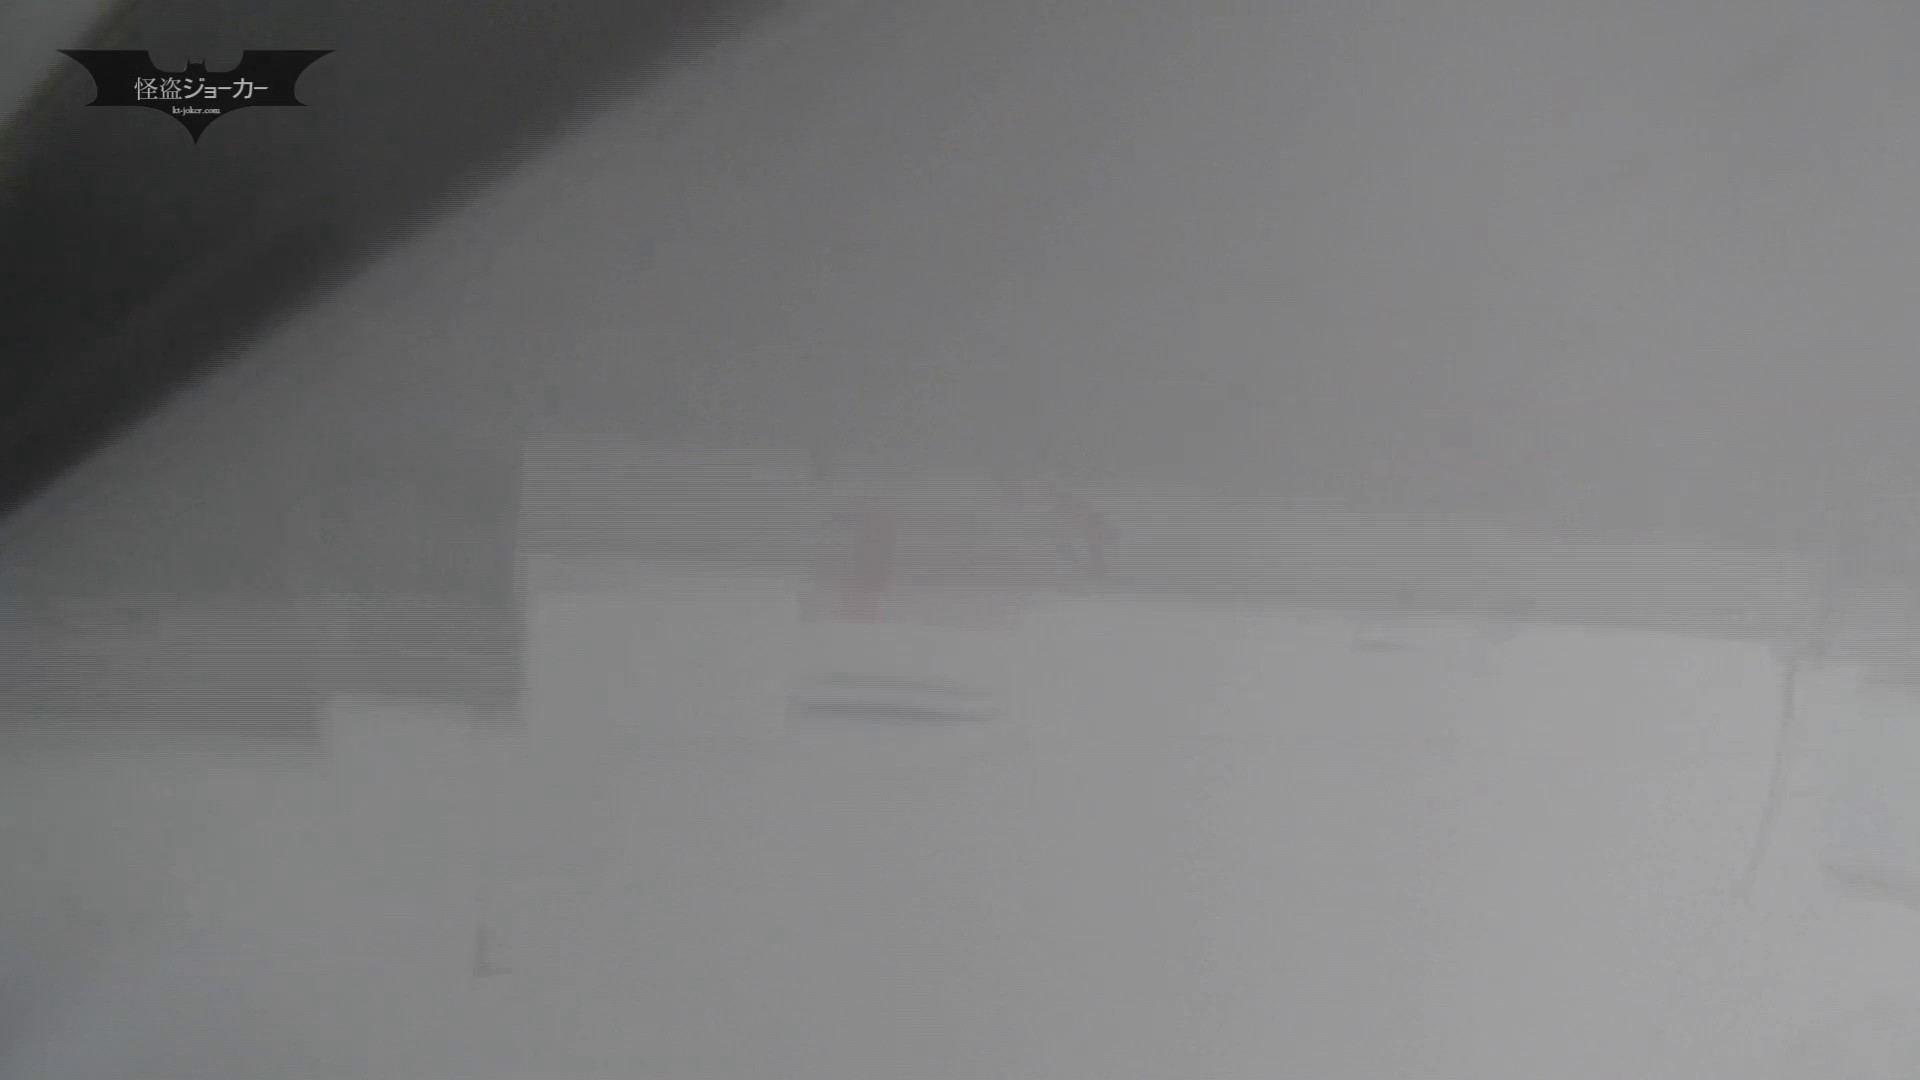 下からノゾム vol.032 走って追跡、そして、カメラ見られ大ピンチ OLの実態   追跡  98pic 85